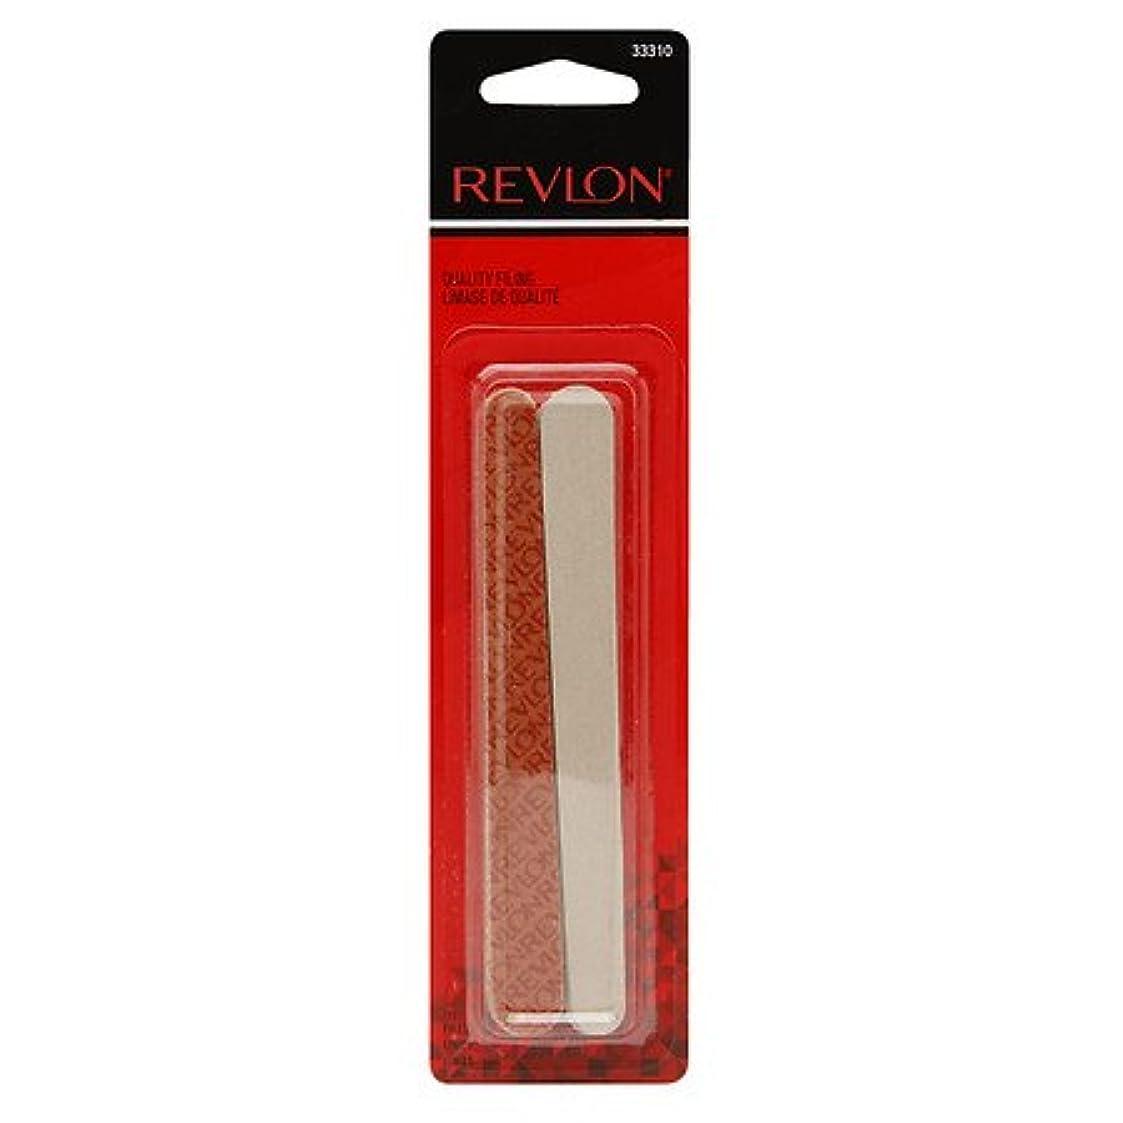 竜巻真鍮心からRevlon (レブロン)コンパクト エミリー ボード 爪紙ヤスリ 10枚入り(Model.33310) [並行輸入品]